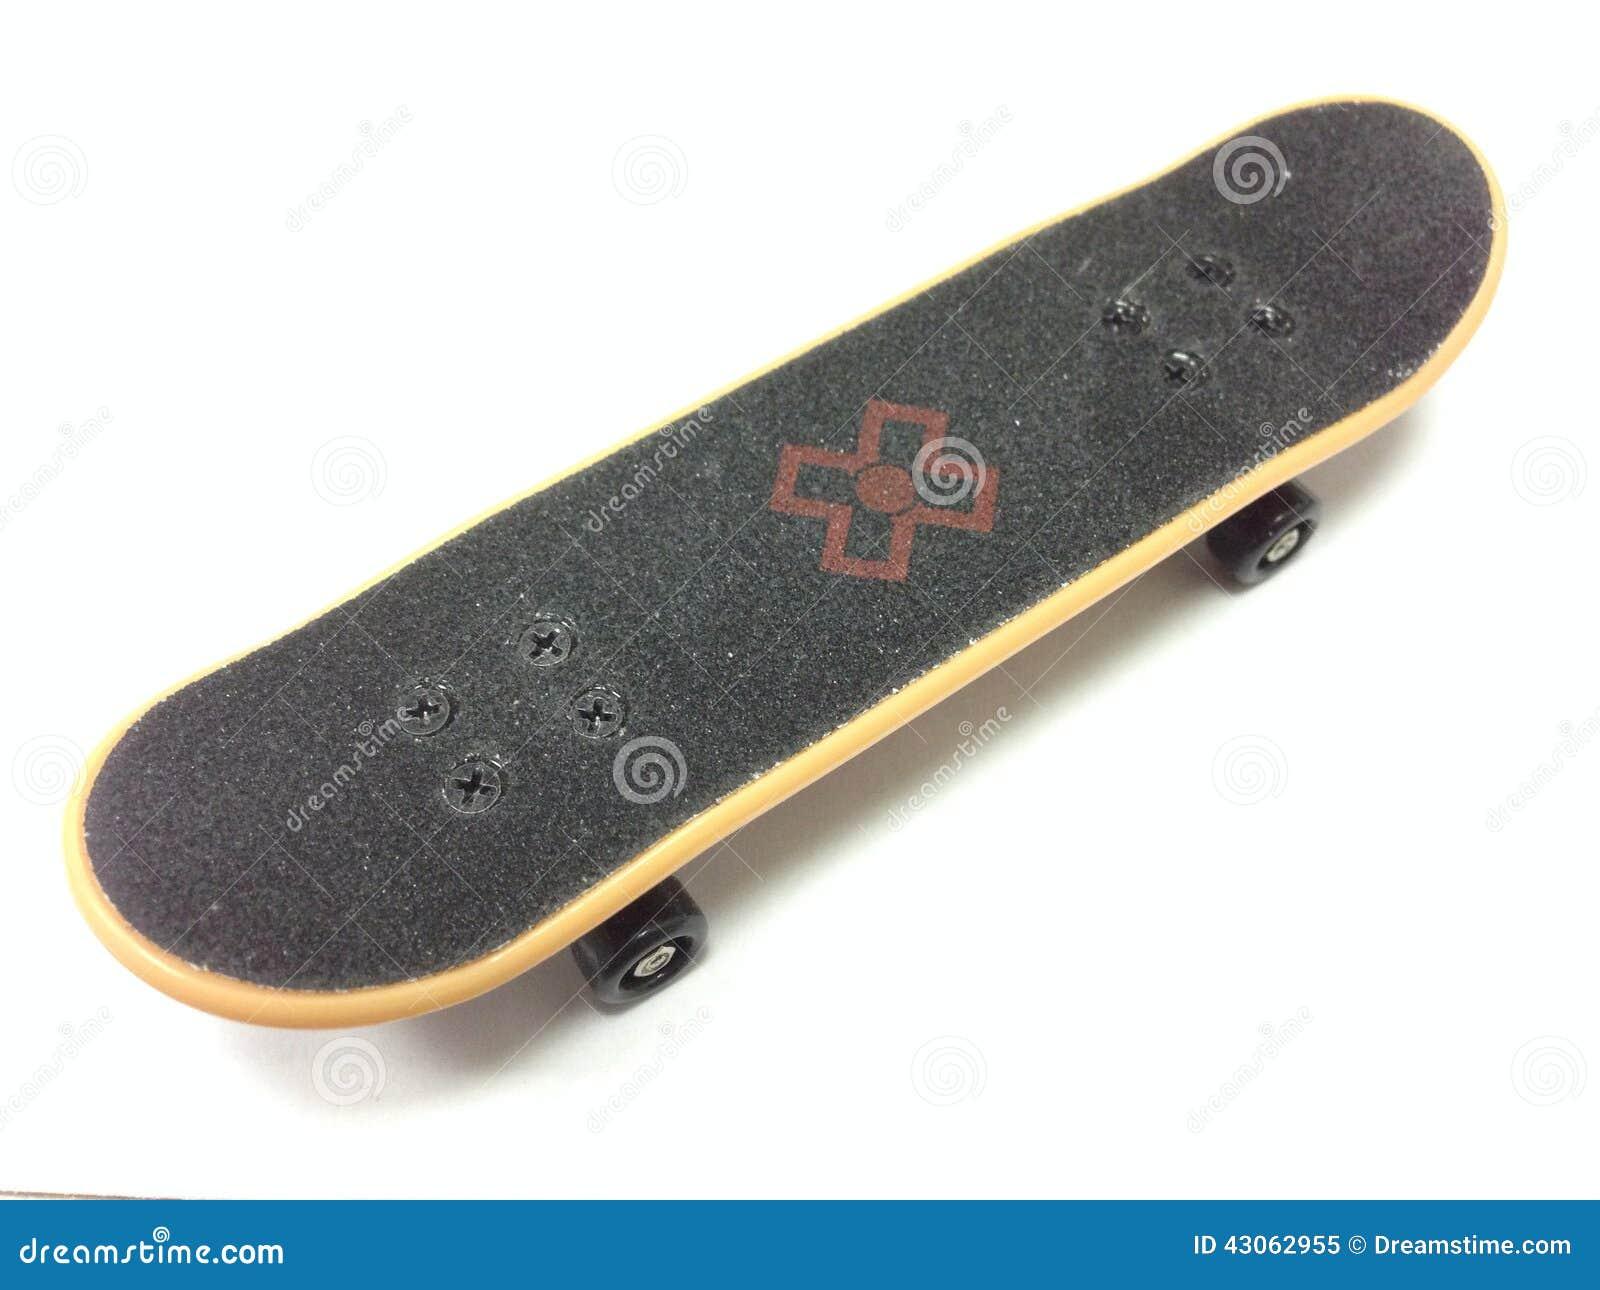 Finger board skateboard tech deck editorial image image 43062955 - Tech deck finger skateboards ...